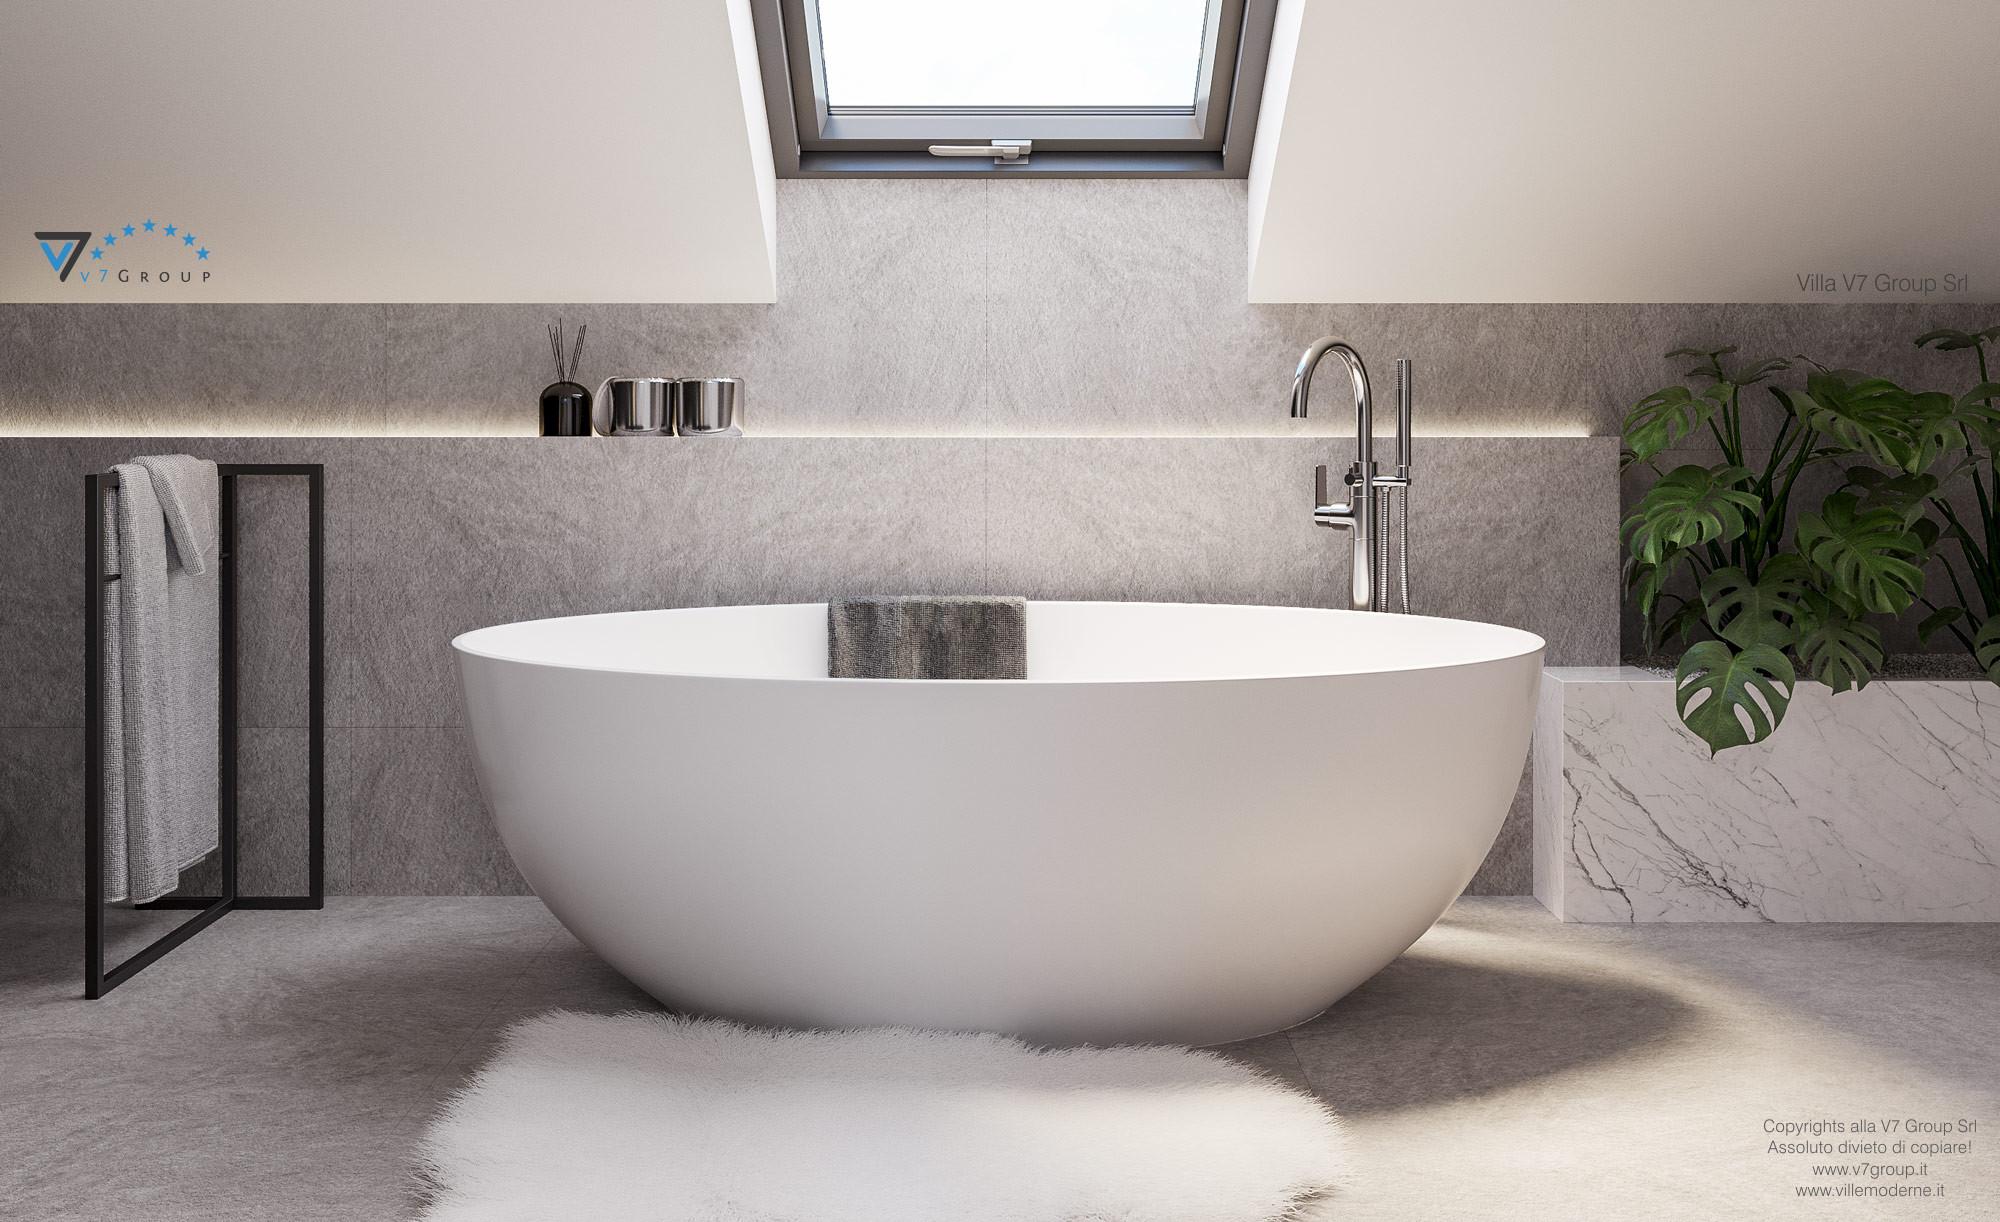 Immagine Villa V71 - interno 14 - la vasca nel bagno grande